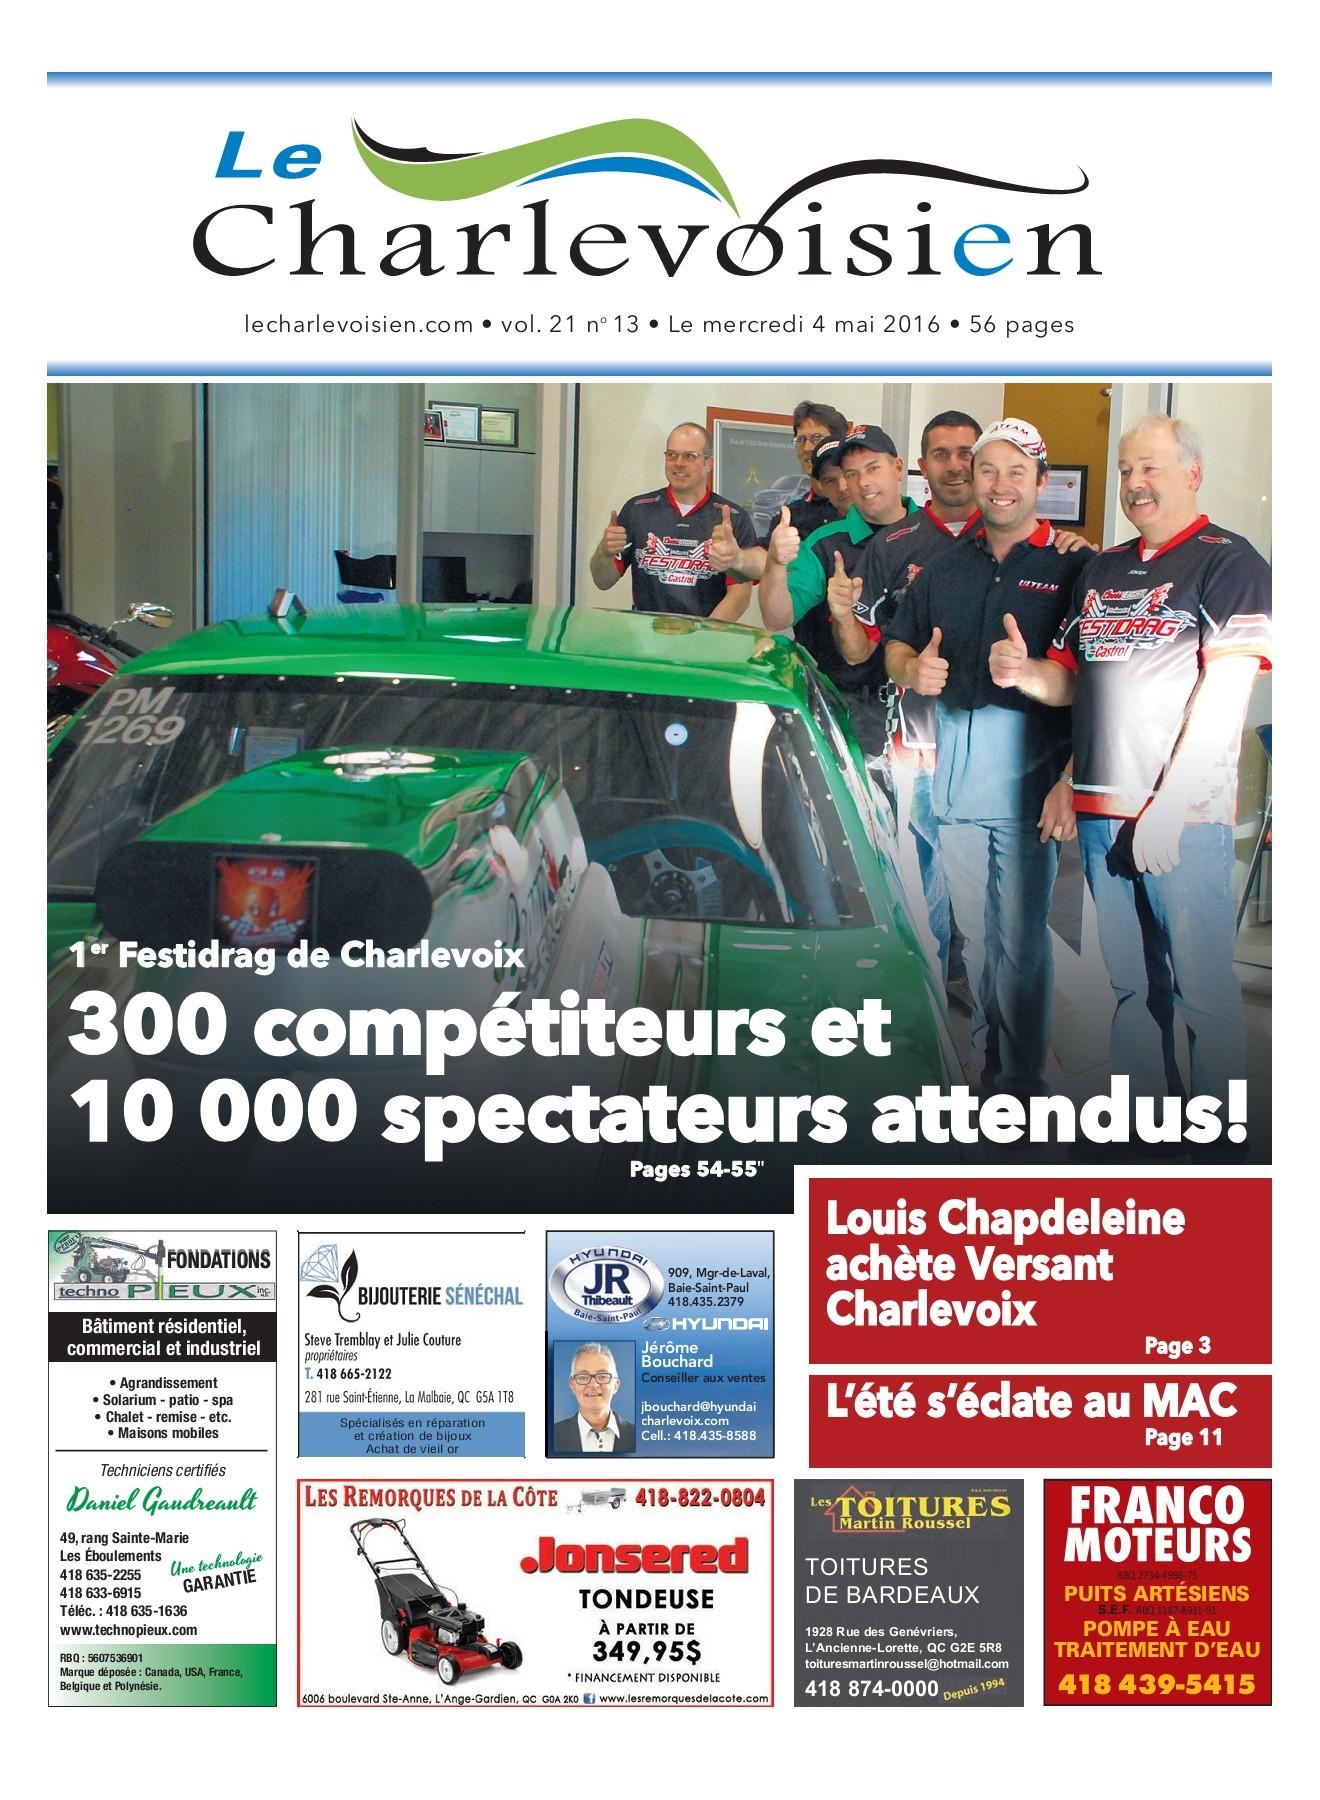 Leclerc Mobile Mon Compte Beau Le Charlevoisien 4 Mai 2016 Pages 1 50 Text Version Of 40 Élégant Leclerc Mobile Mon Compte